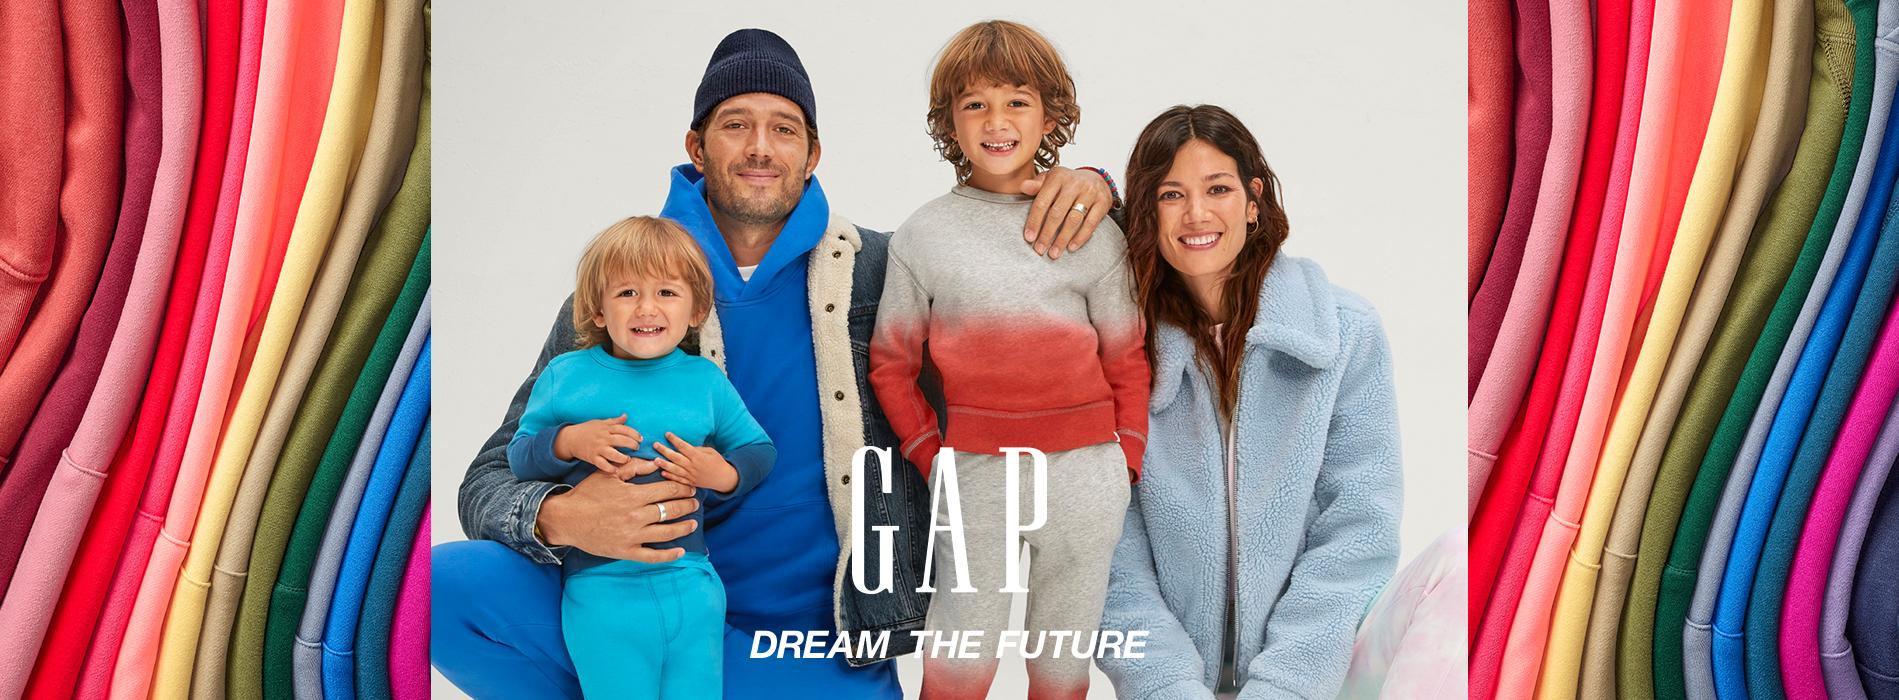 gap collezione holiday